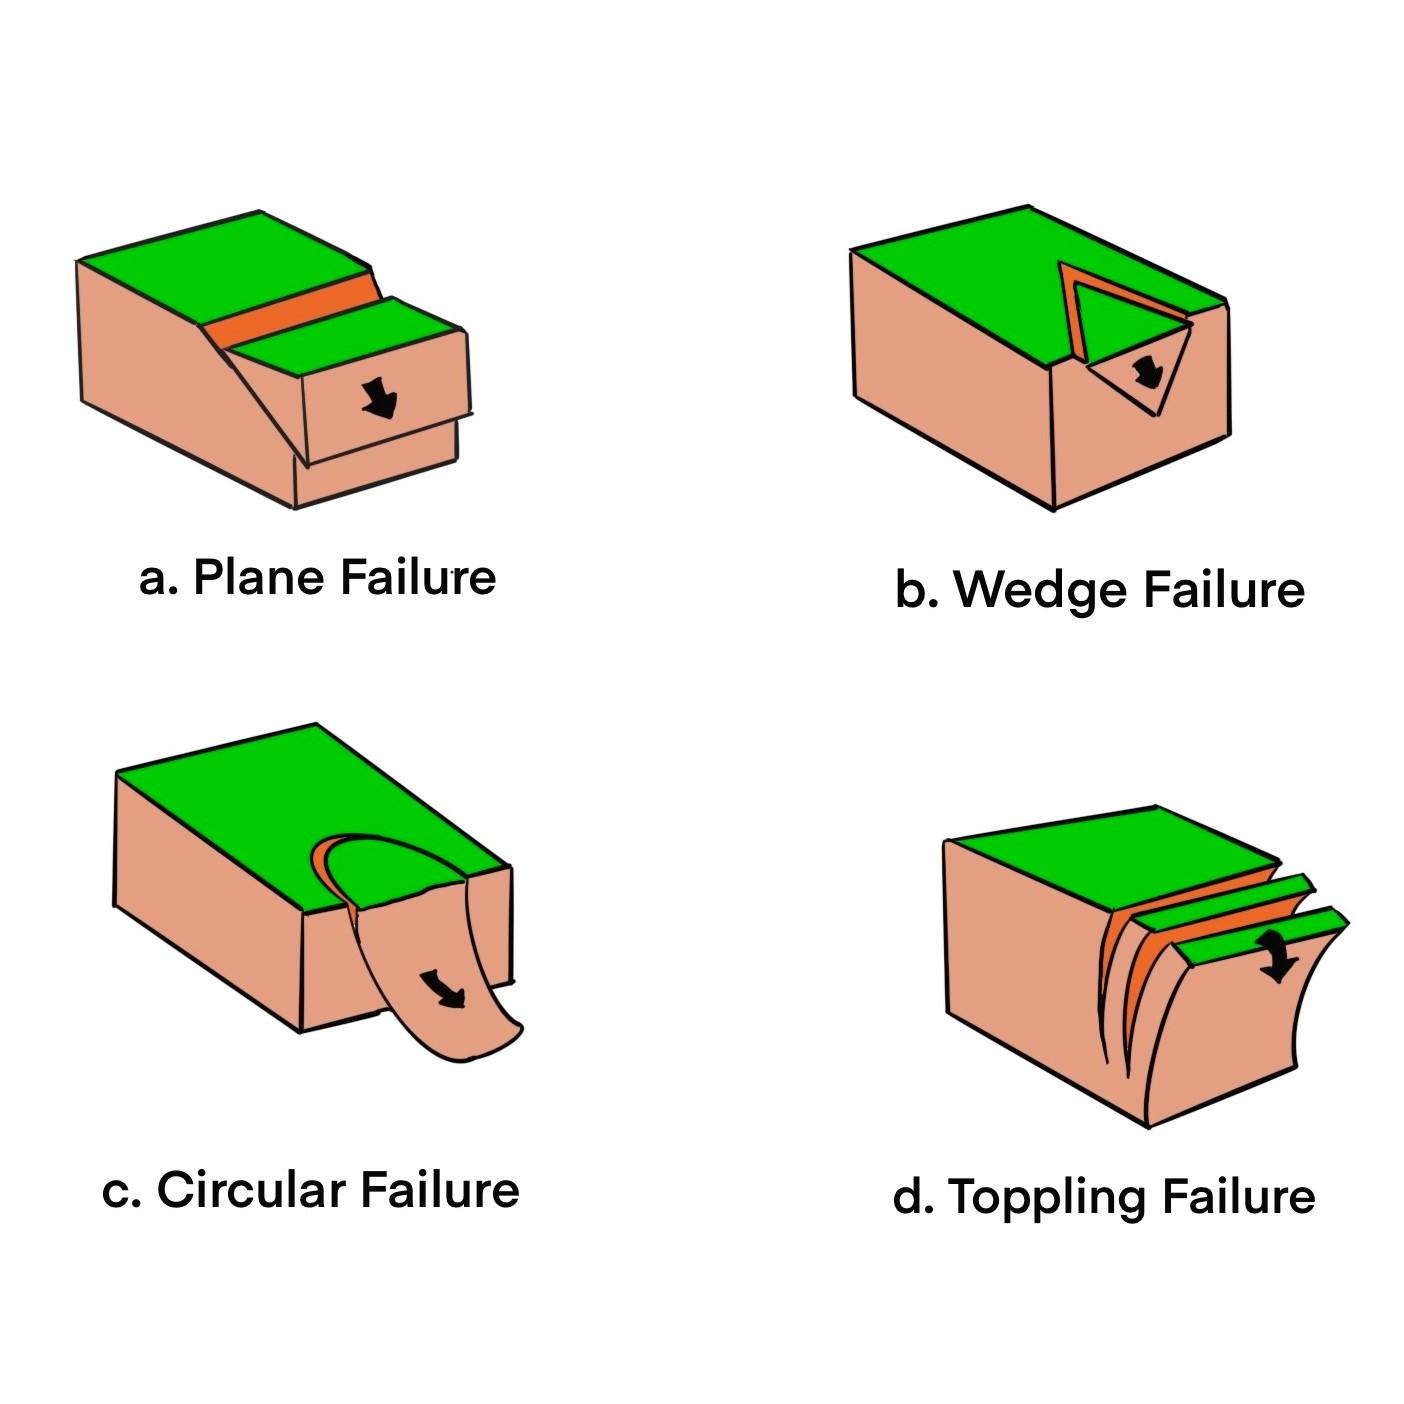 Types of Slope Failure - plane failure, wedge failure, circular failure, toppling failure